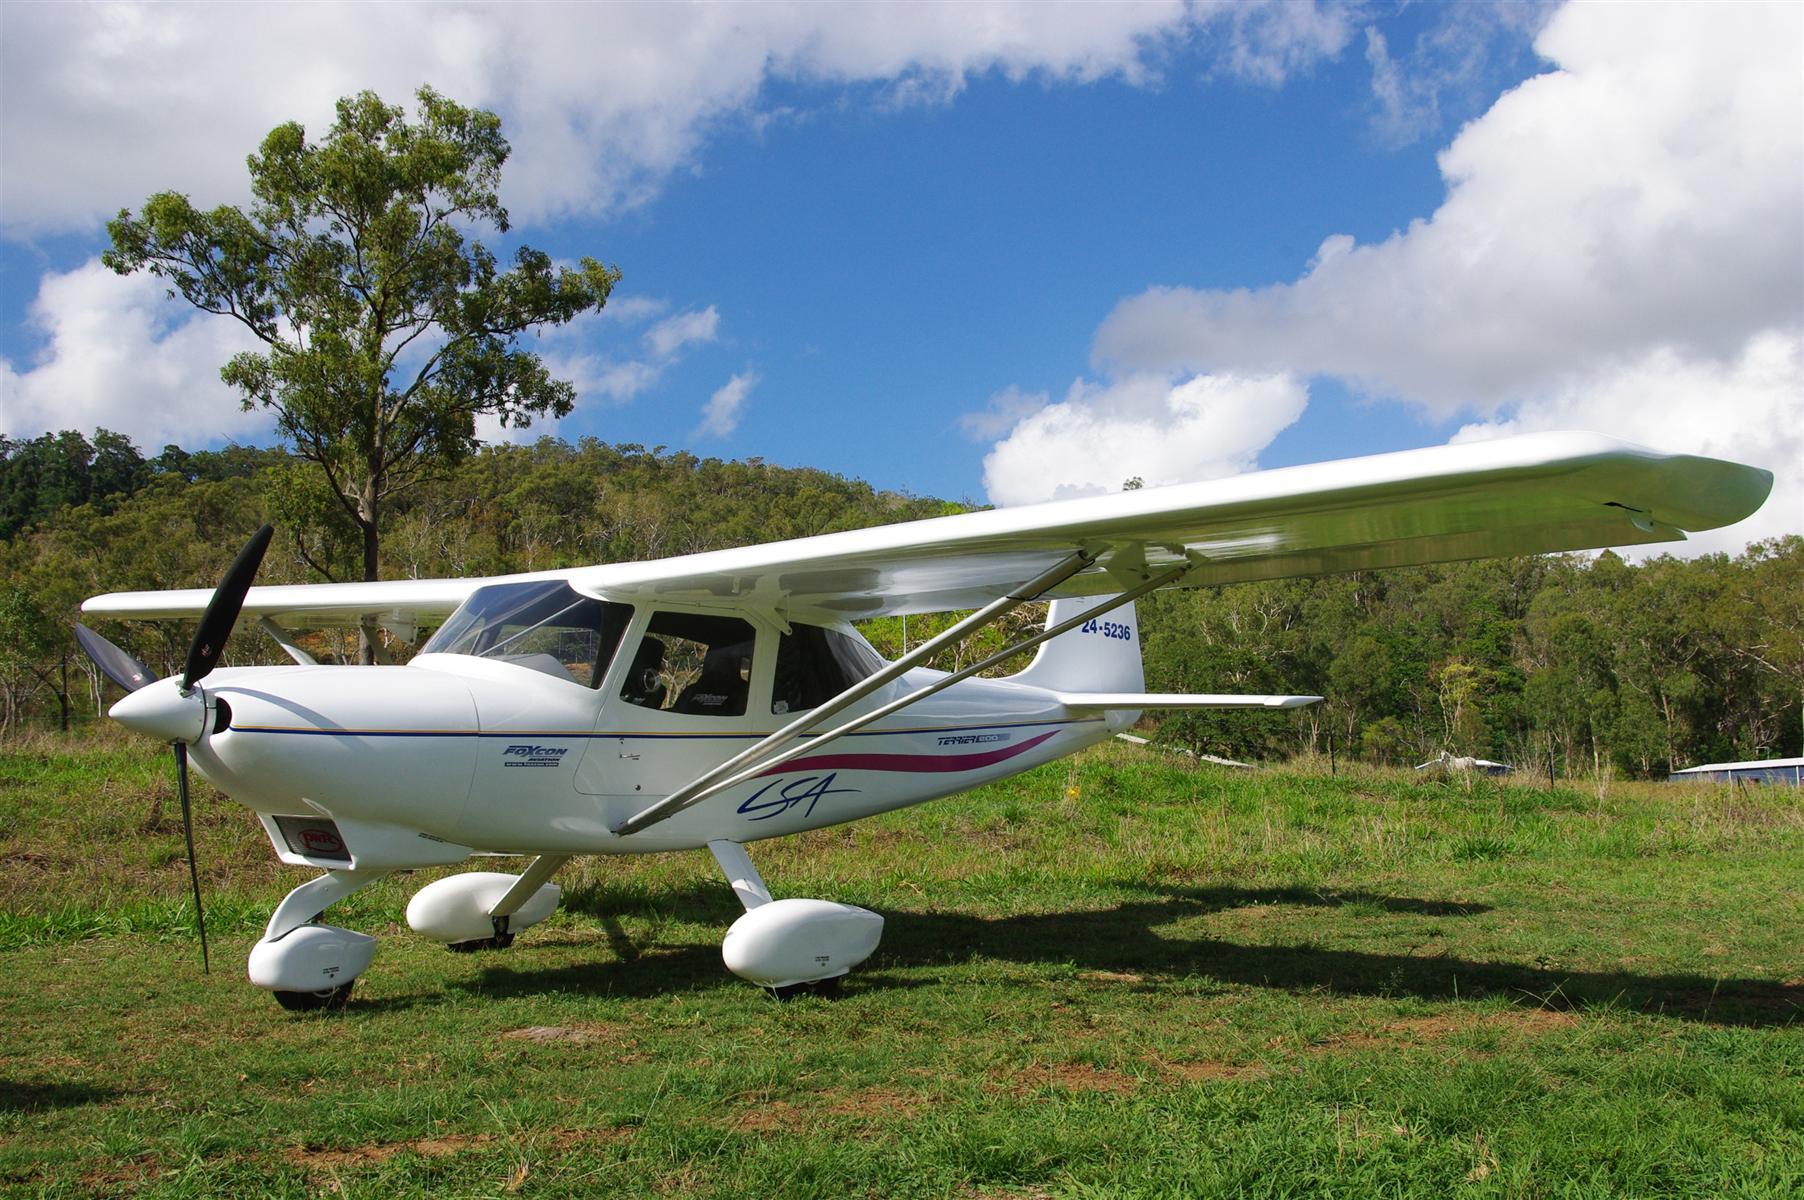 Foxcon - Aircraft For Sale  Foxcon - Aircra...